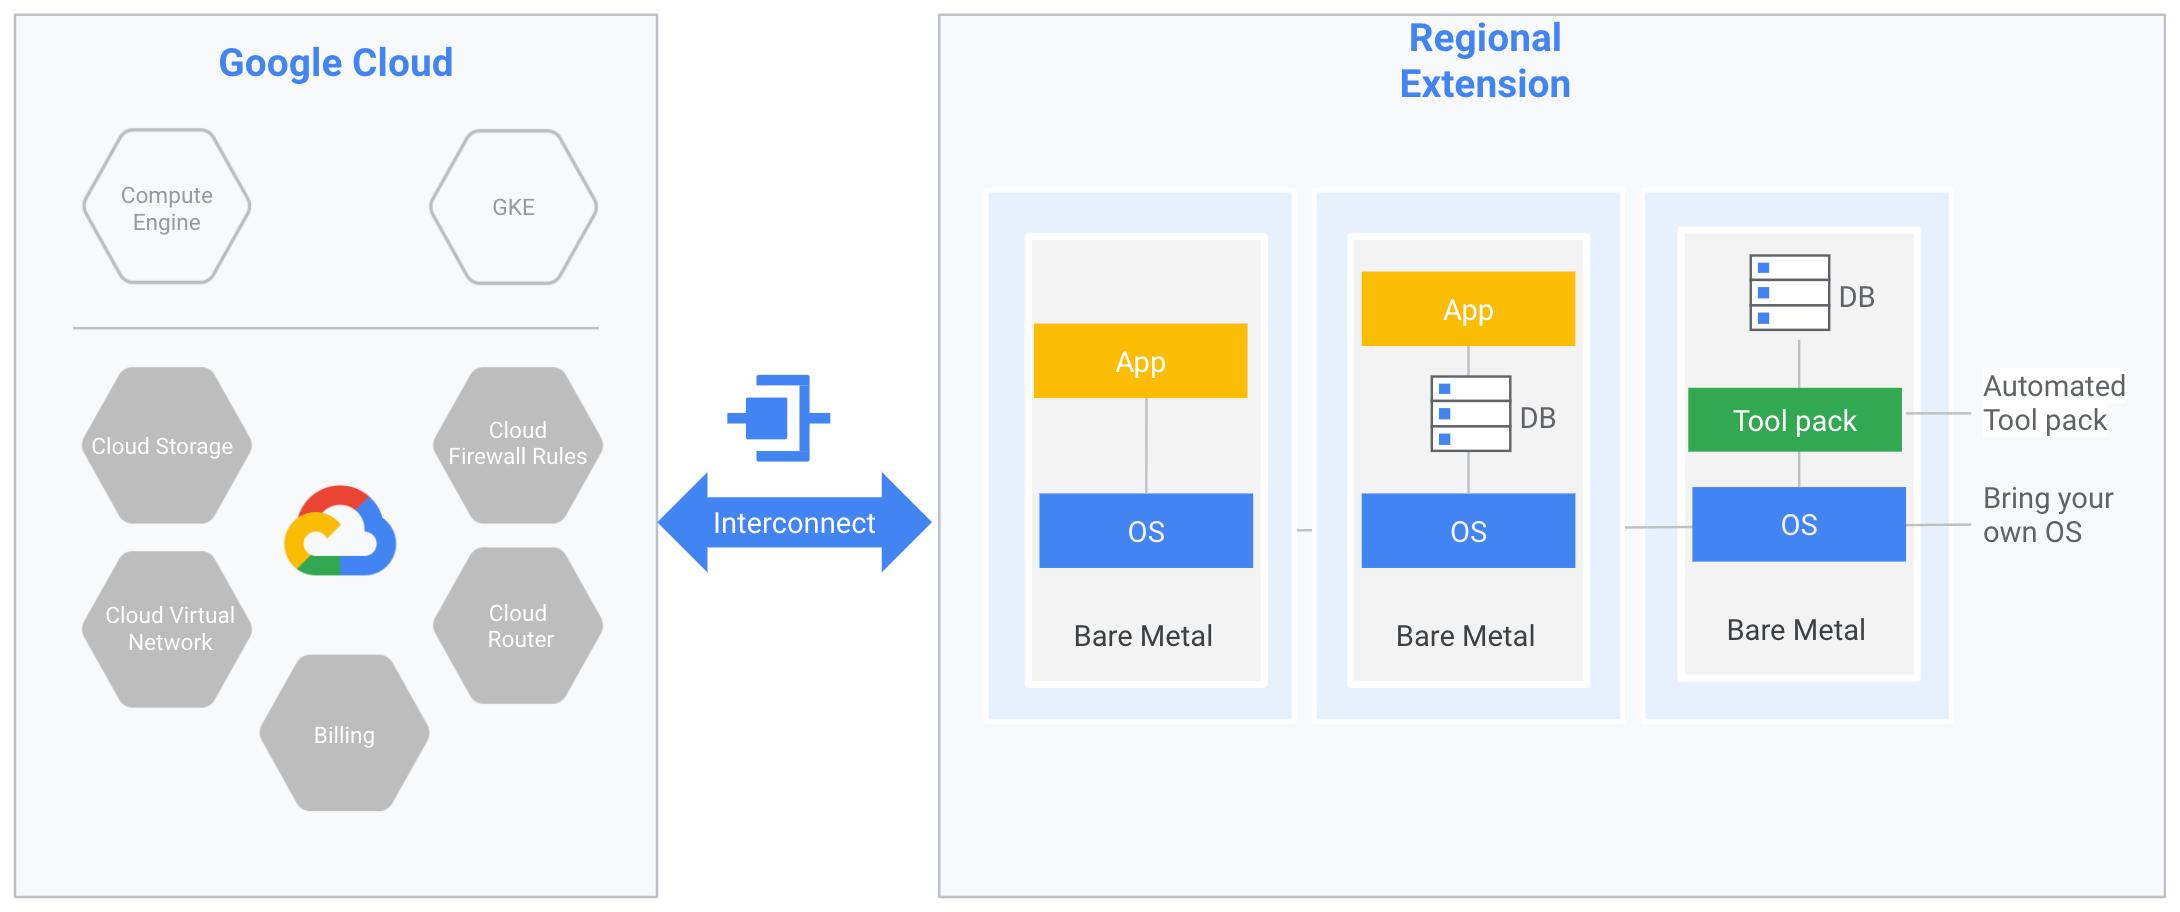 As máquinas Bare Metal são mostradas em uma extensão regional, que é colocada em um data center do Google Cloud